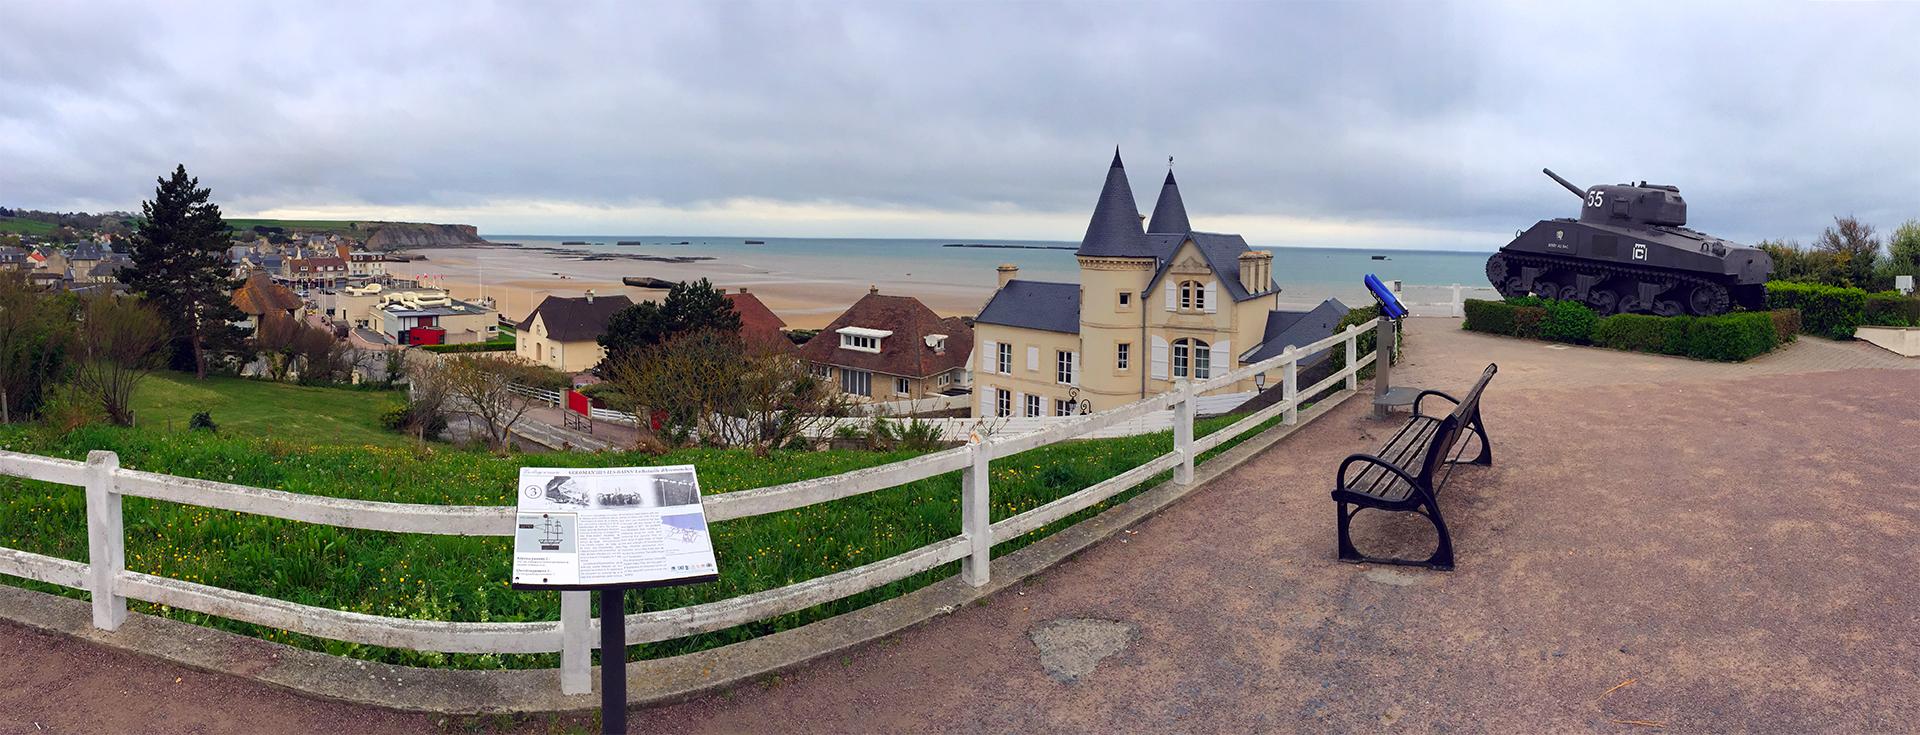 Playas del Desembarco de Normandía, Francia desembarco de normandía - 25008965147 9b1549e740 o - Viaje a las Playas del Desembarco de Normandía